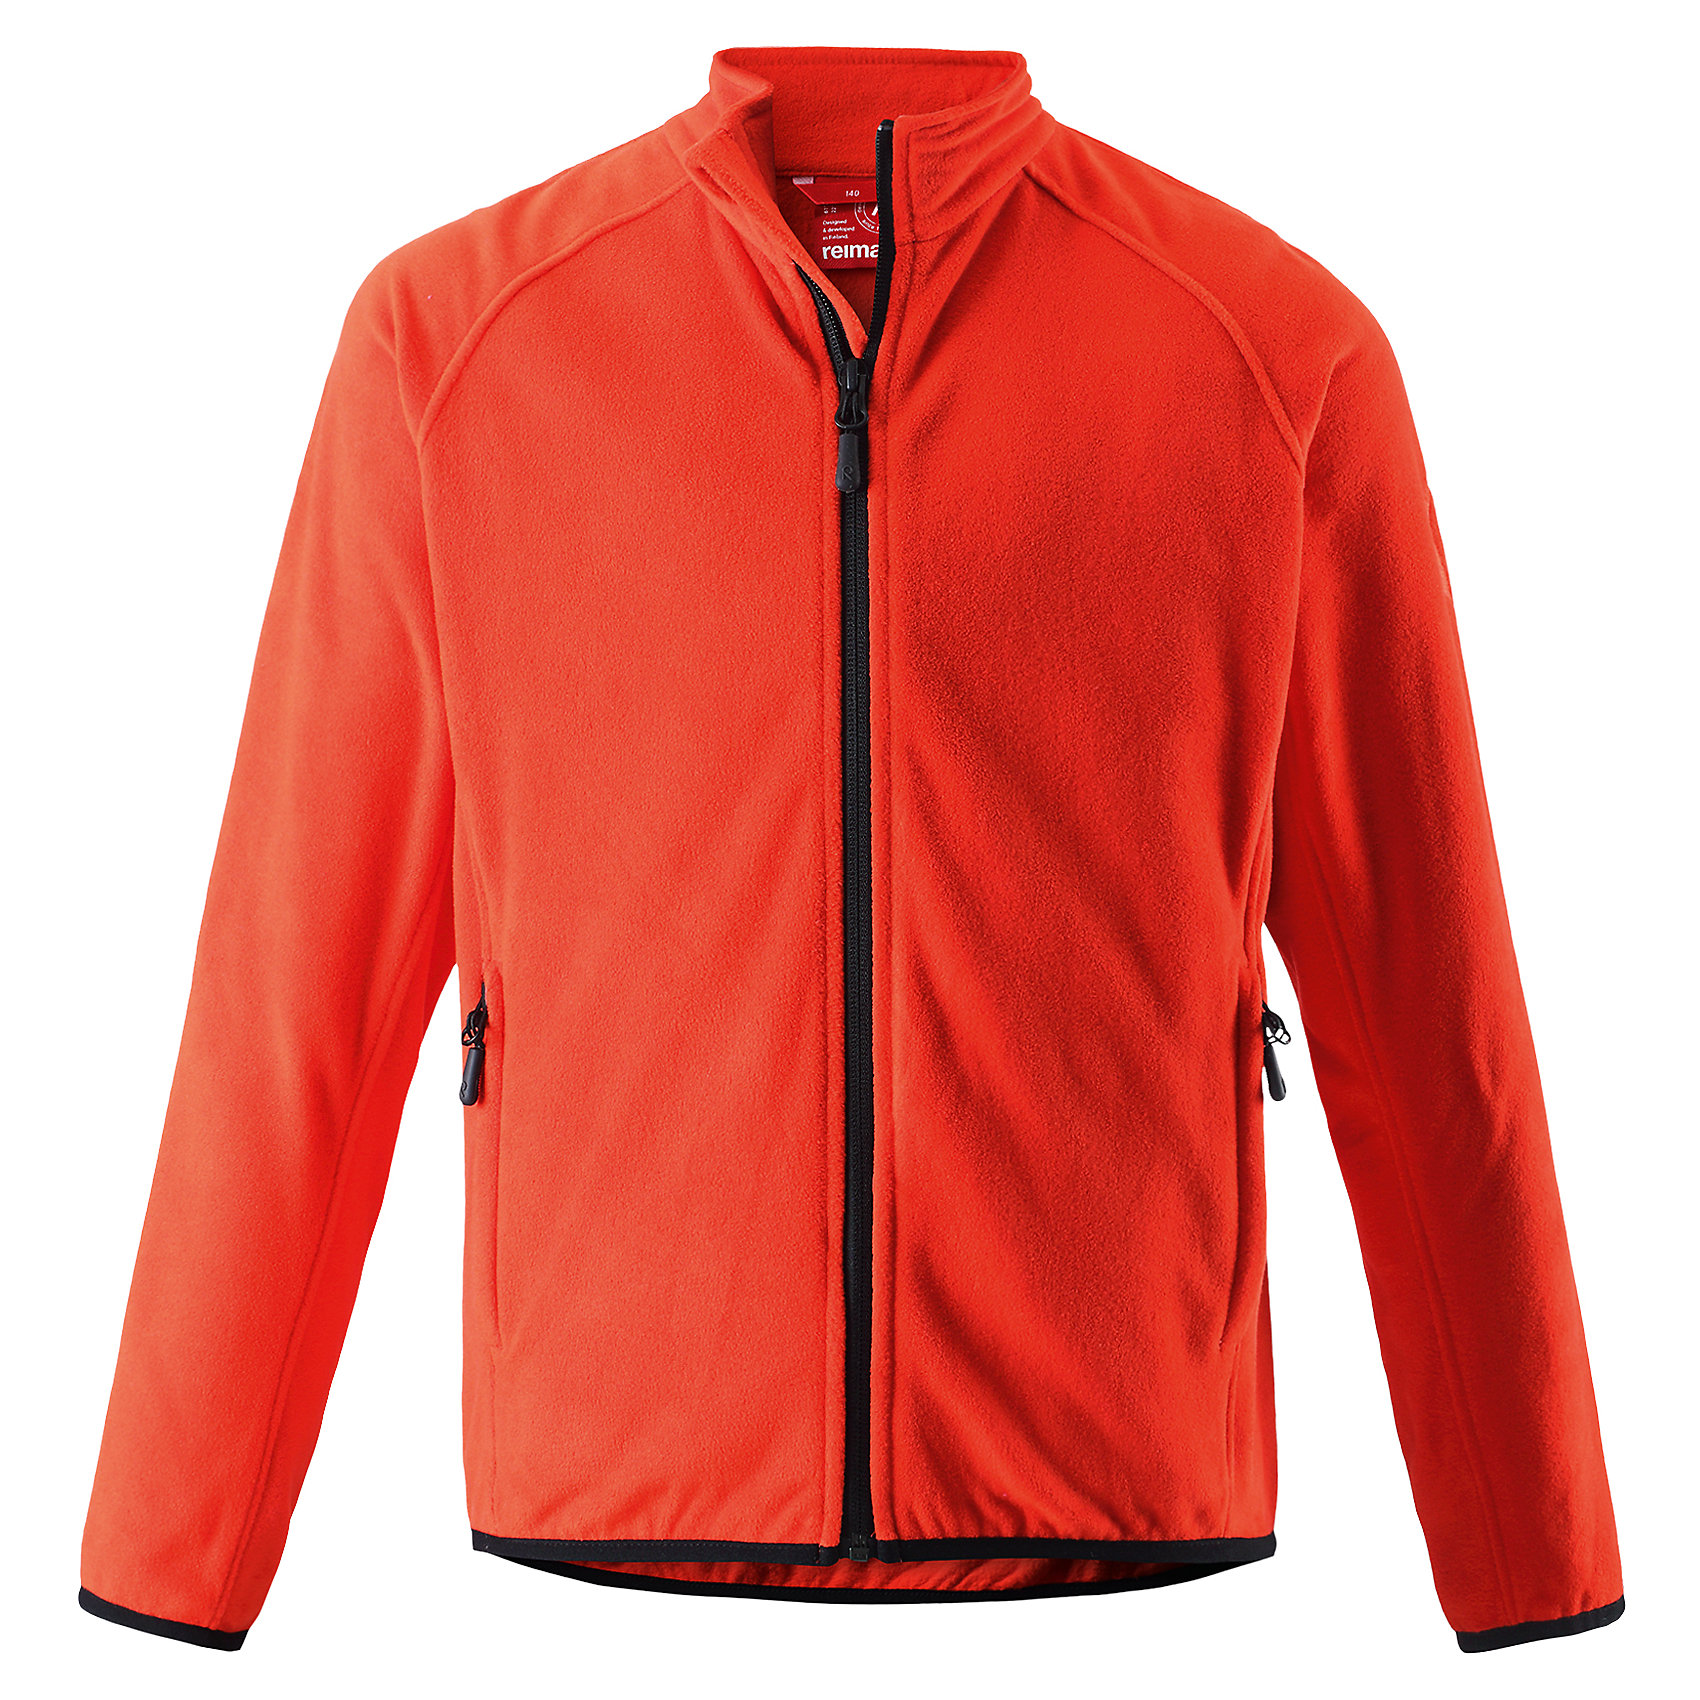 Куртка флисовая Riddle для мальчика ReimaКуртка флисовая для мальчика Reima<br>Флисовая куртка для подростков. Выводит влагу наружу и быстро сохнет. Теплый, легкий и быстросохнущий поларфлис. Эластичные манжеты. Удлиненный подол сзади для дополнительной защиты. Молния по всей длине с защитой подбородка. Два кармана на молнии. Аппликация.<br>Уход:<br>Стирать по отдельности, вывернув наизнанку. Застегнуть молнии. Стирать моющим средством, не содержащим отбеливающие вещества. Полоскать без специального средства.  Сушить при низкой температуре.<br>Состав:<br>100% Полиэстер<br><br>Ширина мм: 356<br>Глубина мм: 10<br>Высота мм: 245<br>Вес г: 519<br>Цвет: красный<br>Возраст от месяцев: 36<br>Возраст до месяцев: 48<br>Пол: Мужской<br>Возраст: Детский<br>Размер: 104,152,116,164,146,158,110,134,140,128,122<br>SKU: 4775204